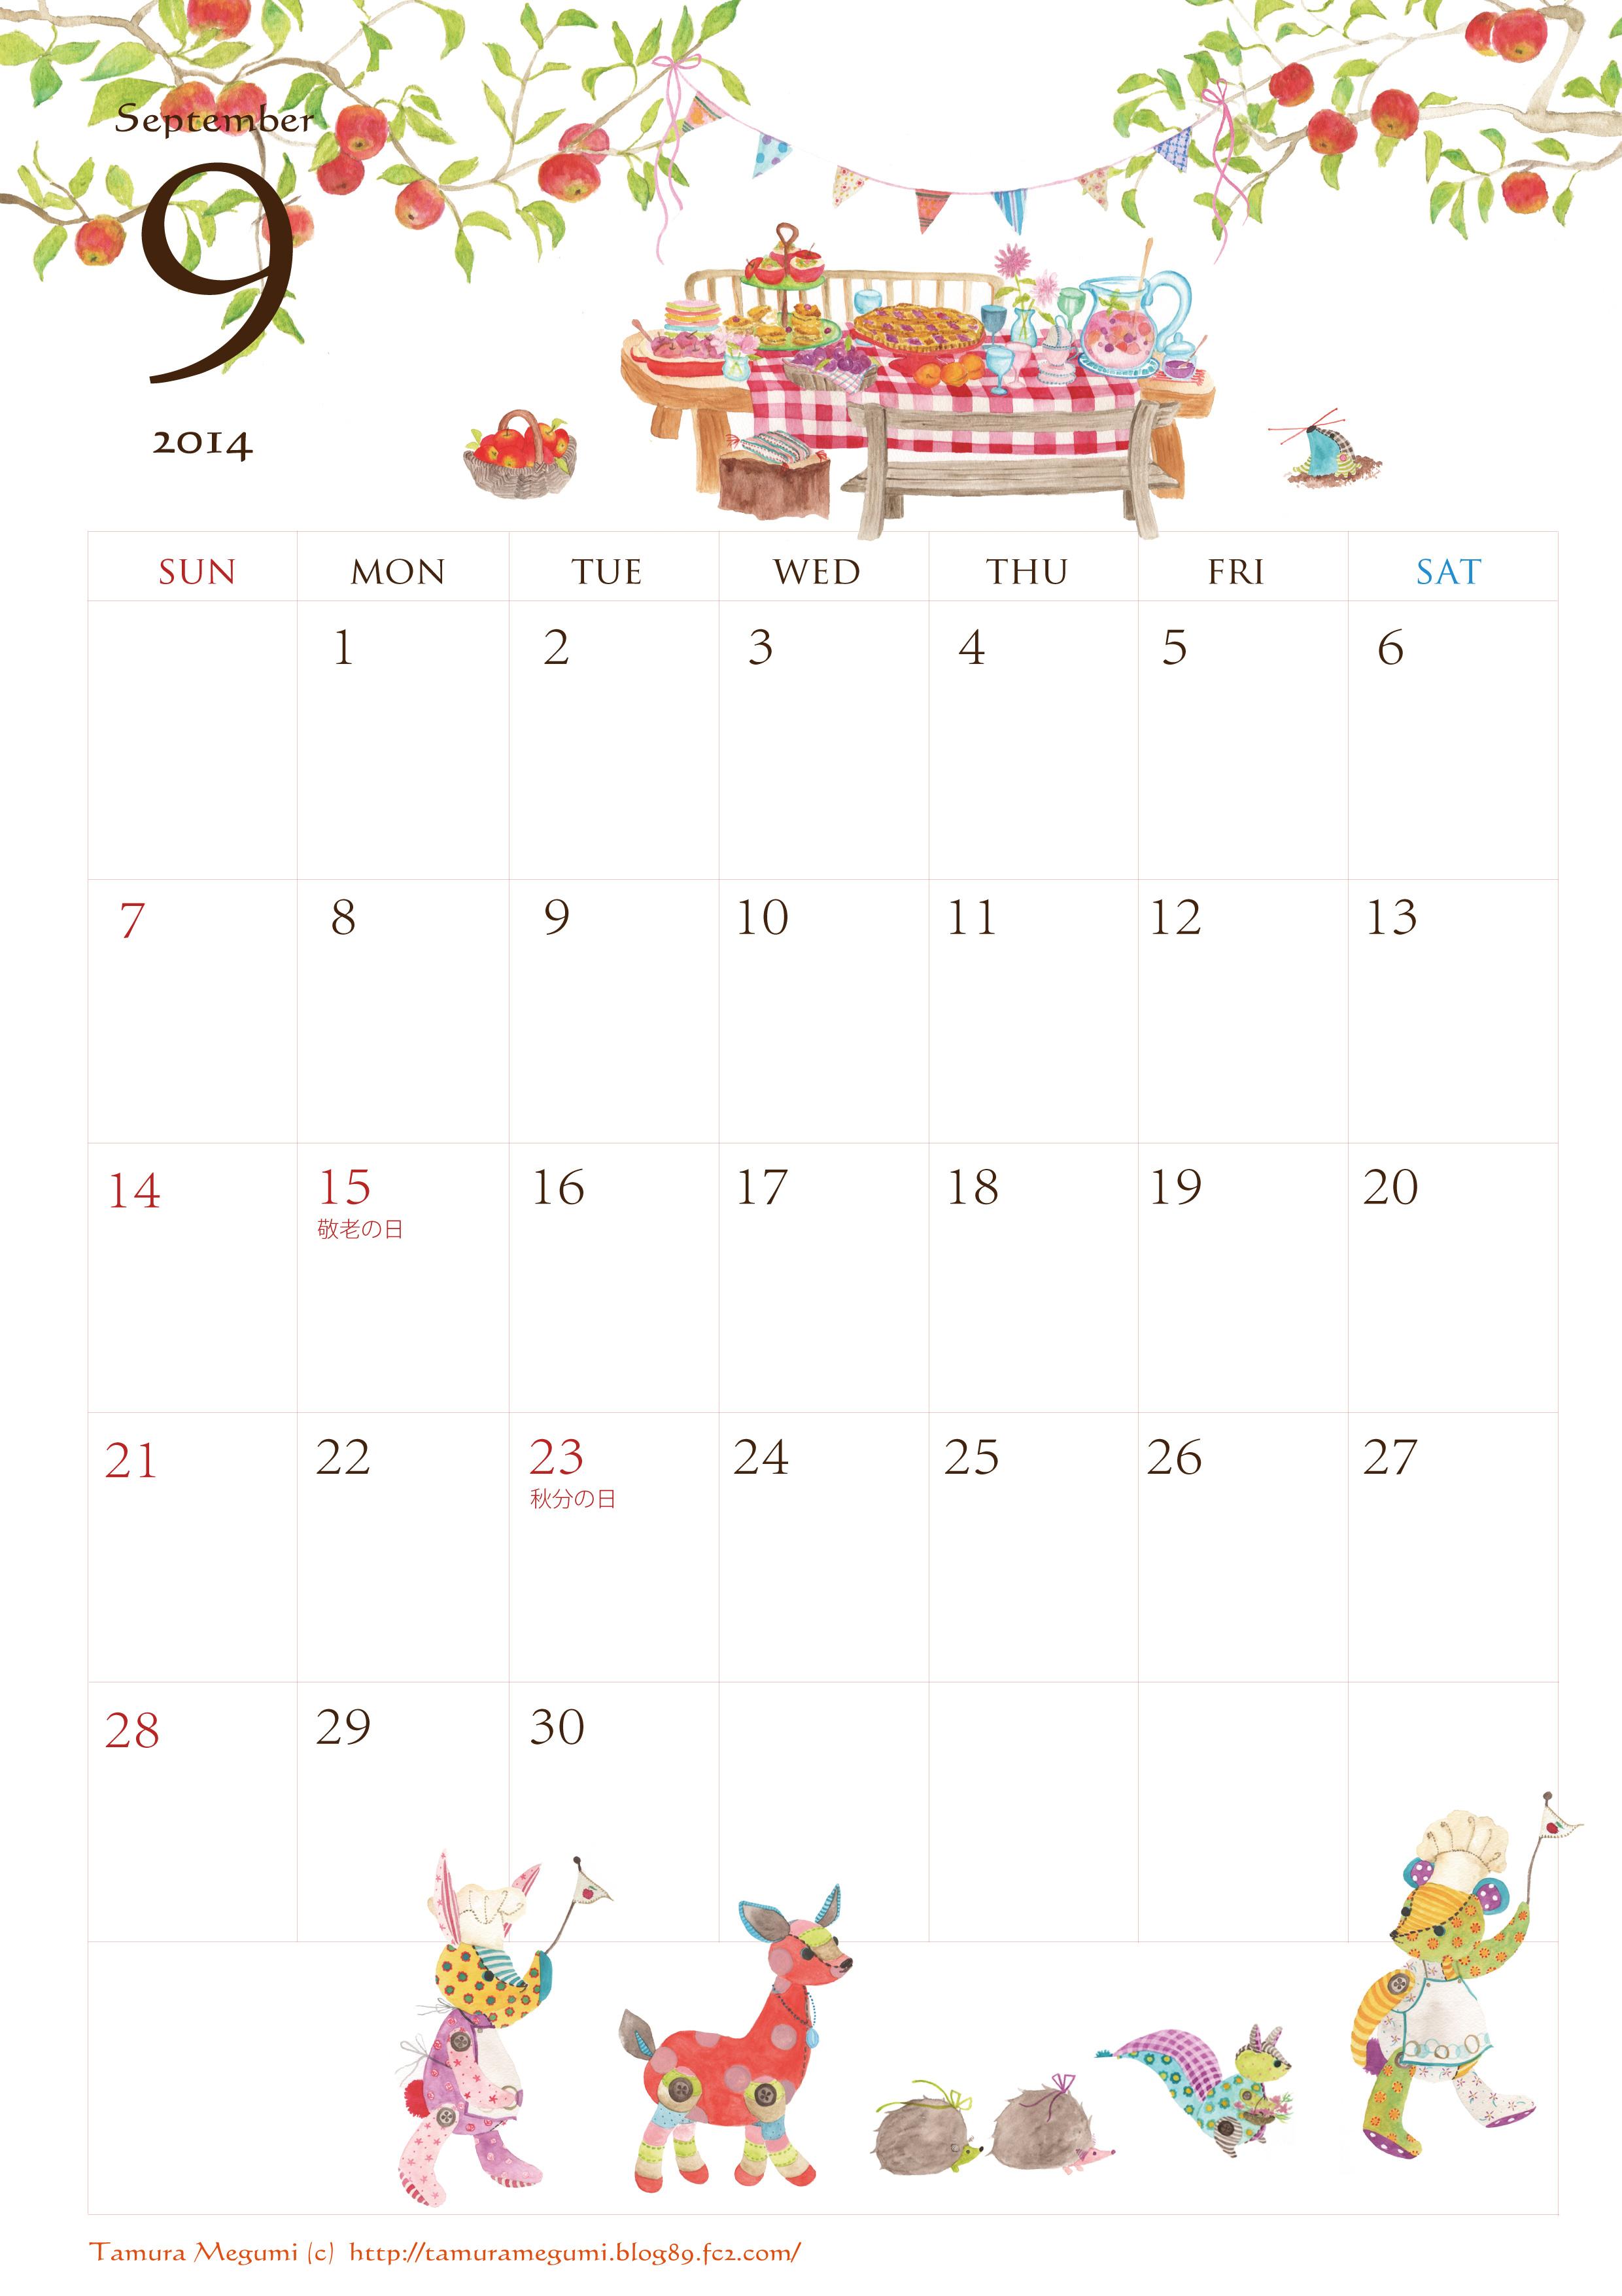 カレンダー a4 カレンダー 2014 : 2014年9月 カレンダー A4サイズ ...